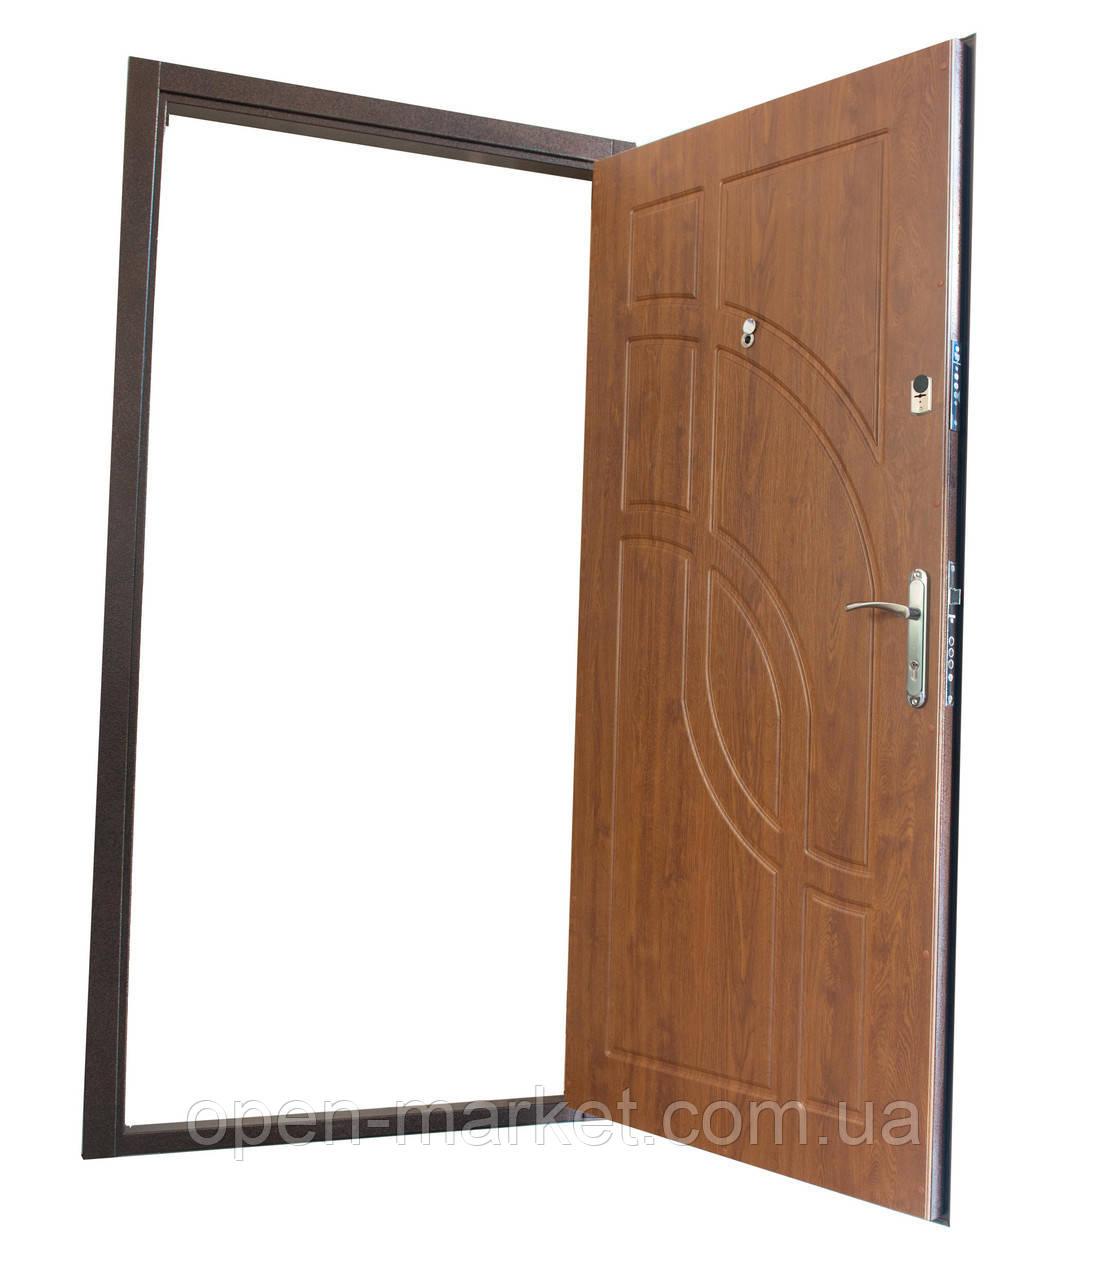 Двері вуличні Мар'ївка Миколаївська область